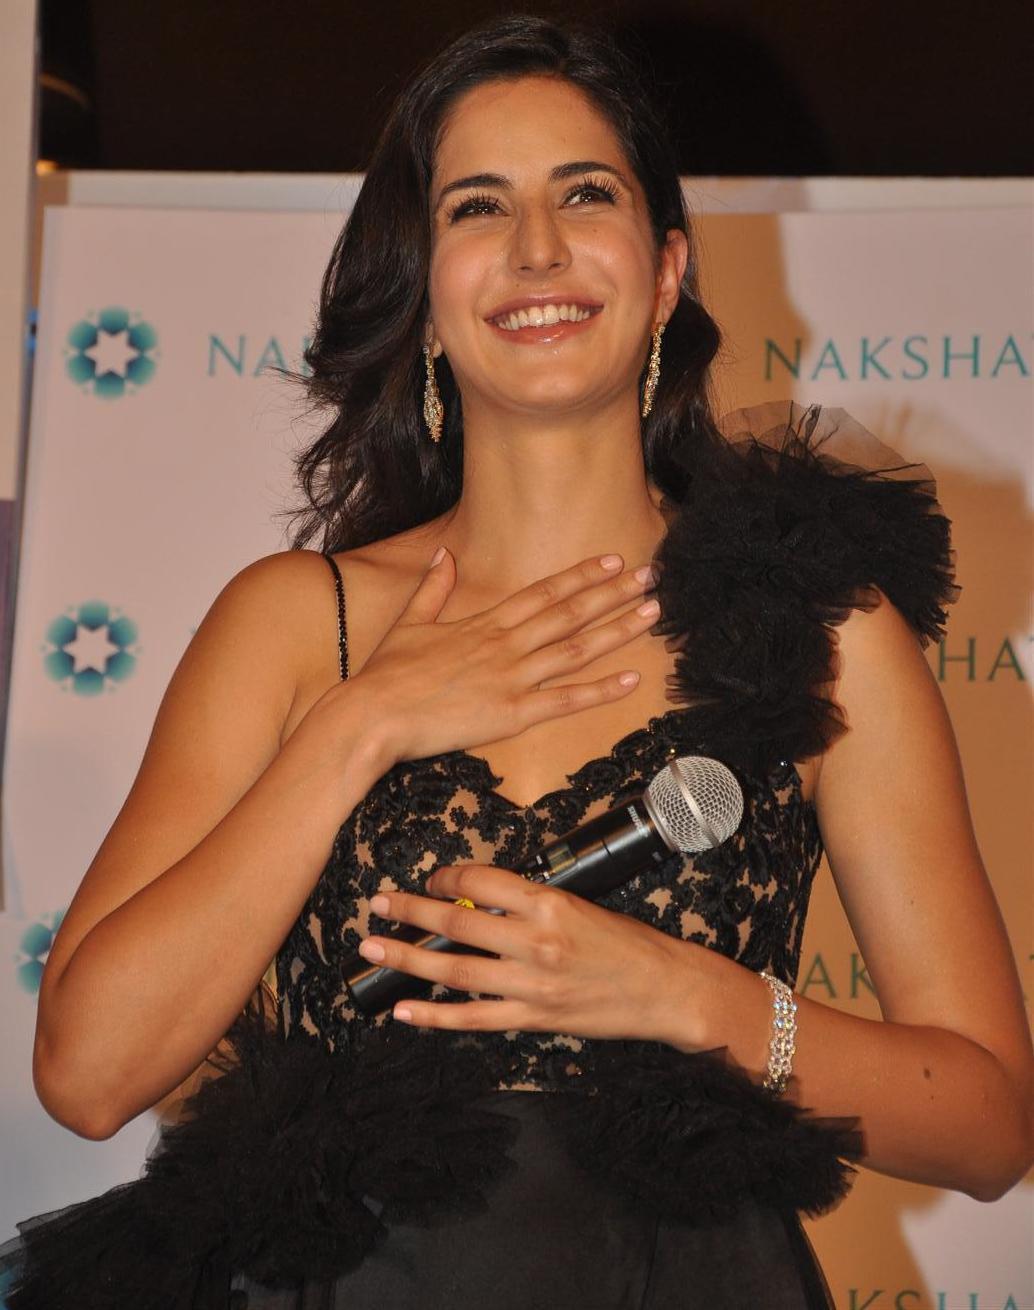 Hot Bollywood Actress Katrina Kaif Photos, Pics, Images